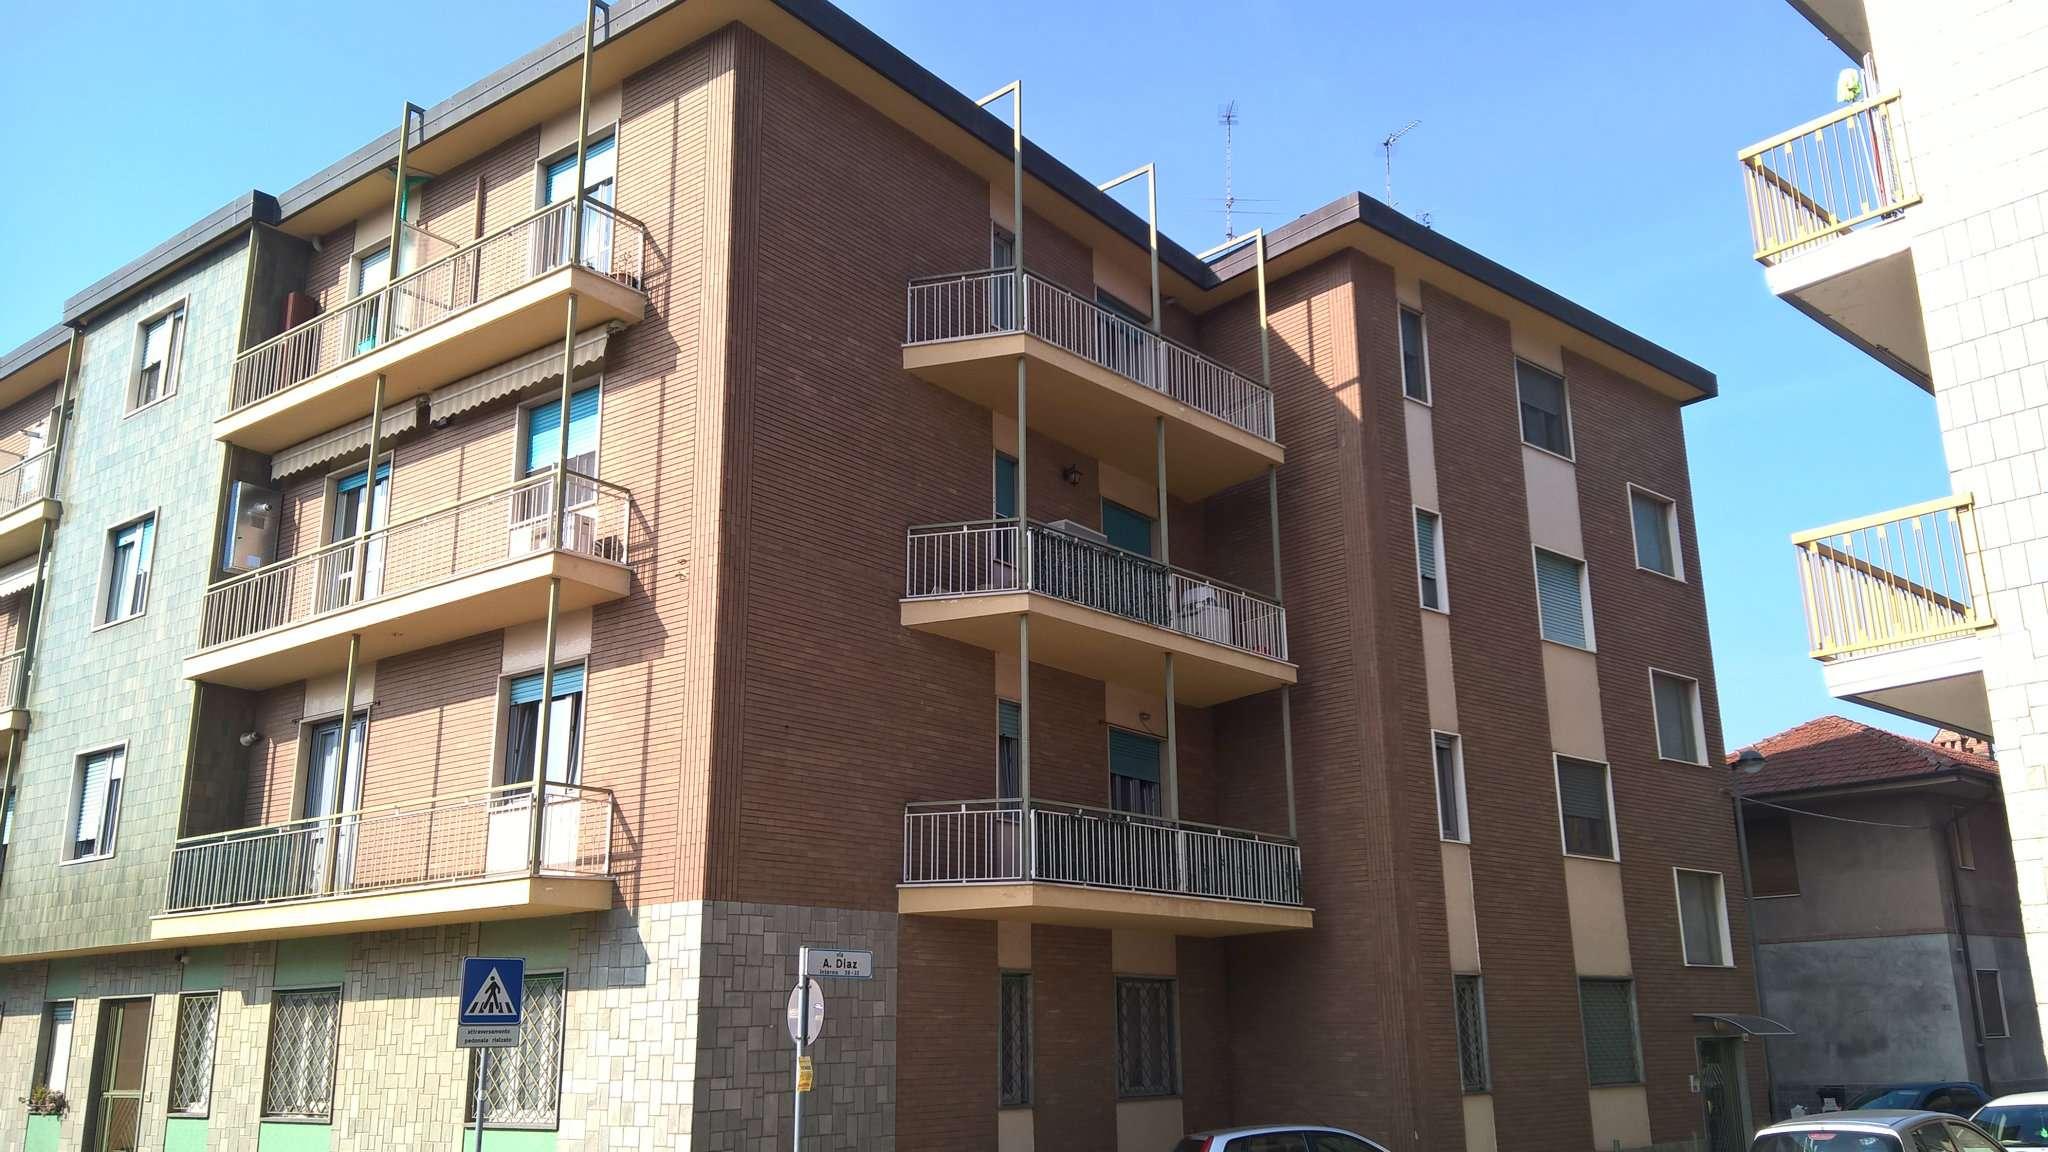 Appartamento in affitto a Trofarello, 2 locali, prezzo € 500   Cambio Casa.it